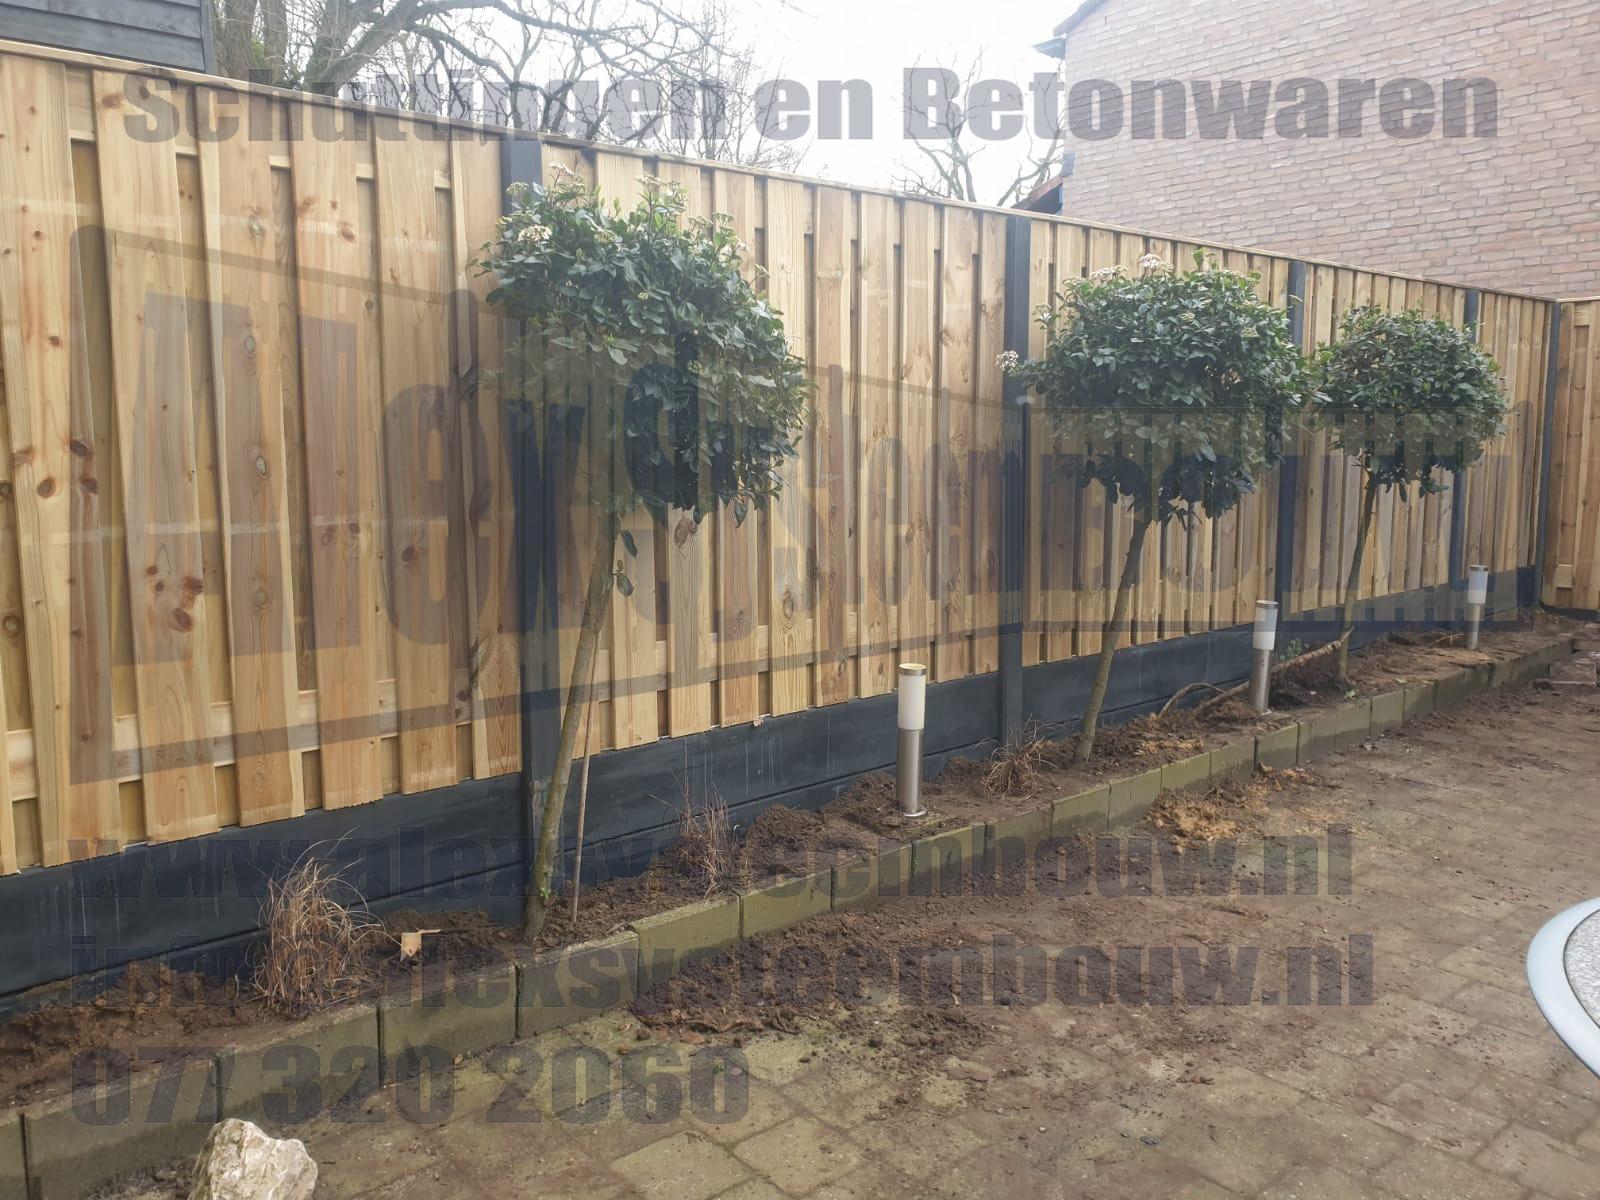 Schutting met dubbele onderplaat voor plantenbak standaard hoogte van ca. 200cm